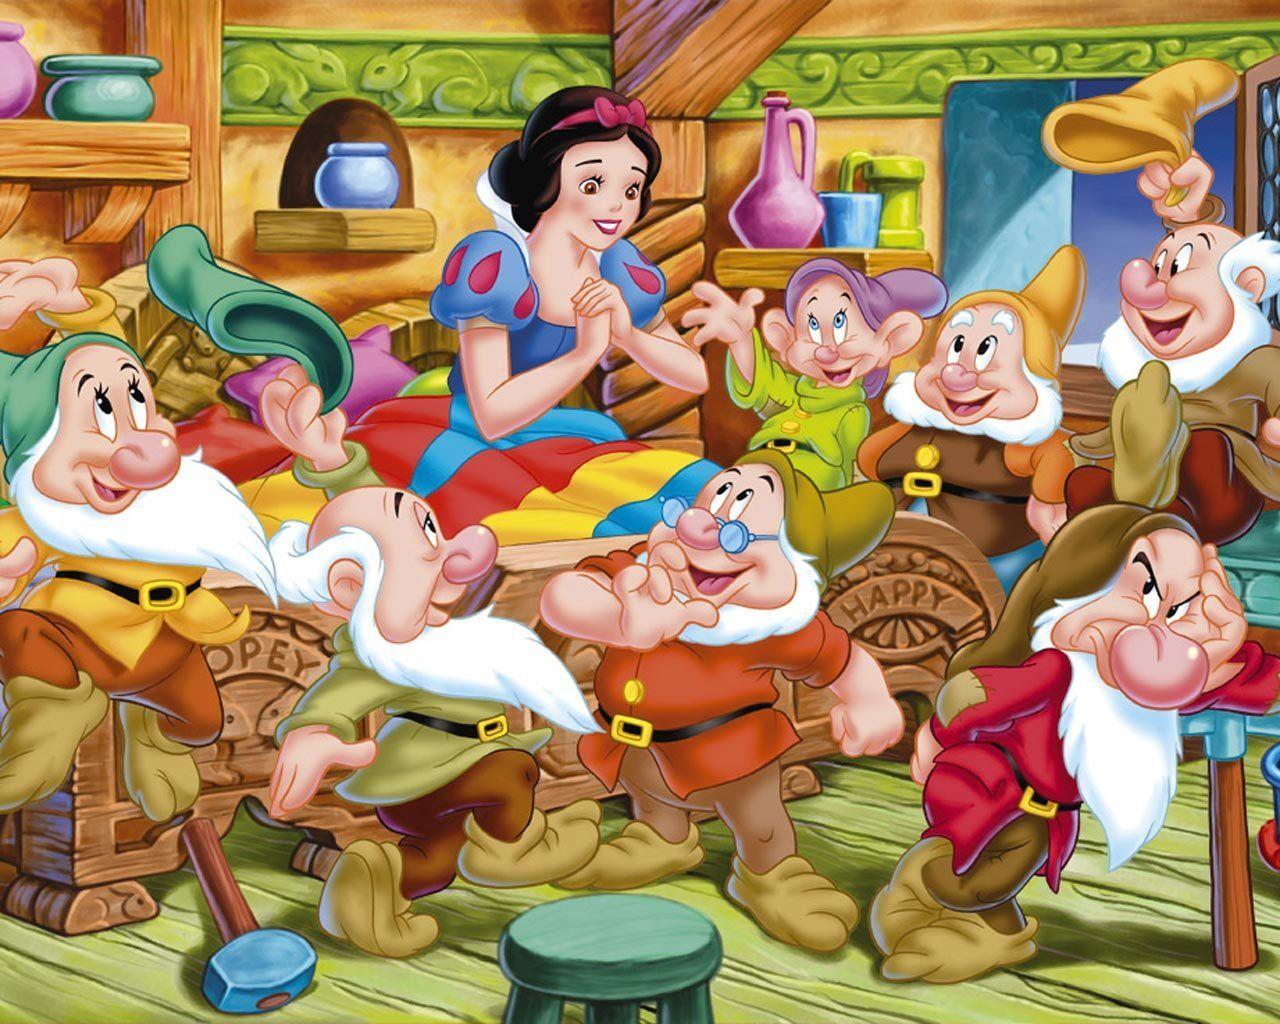 Some Cute Guys Blancanieves Y Los Siete Enanitos Blancanieves Walt Disney Pictures